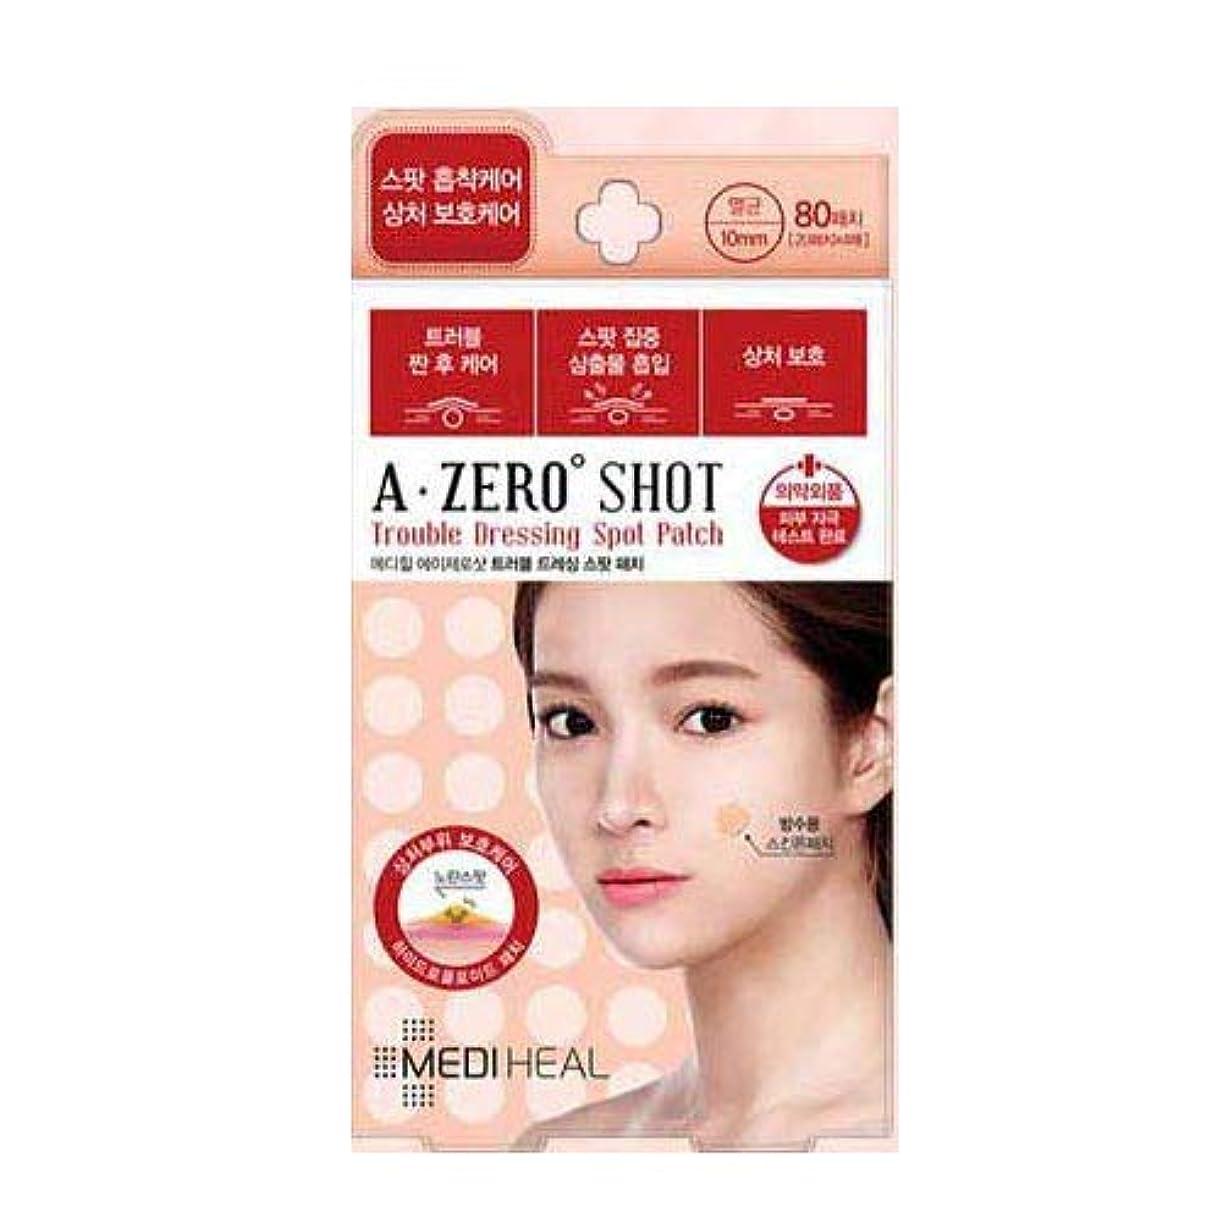 ためらう種類原告MEDIHEAL A-zero Shot Trouble Dressing Spot Patch Clear Spot Patch トラブル軽減